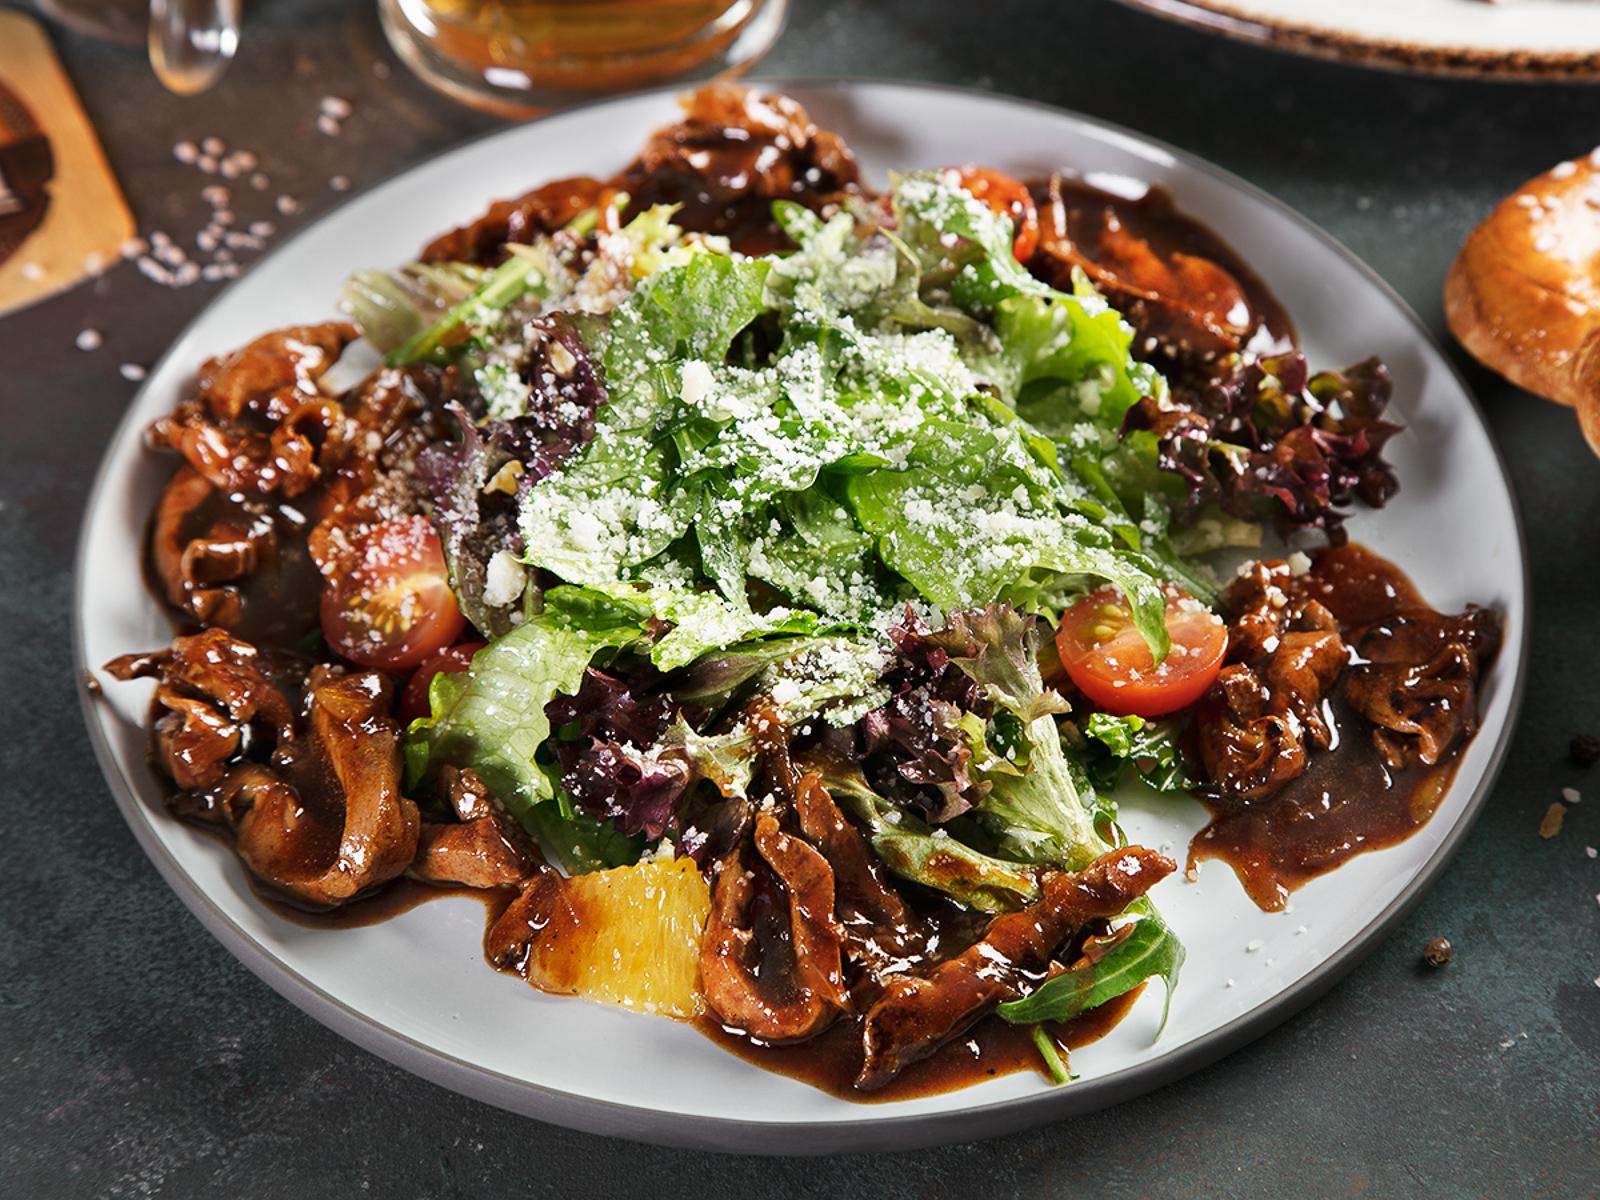 Салат с телячьей печенью